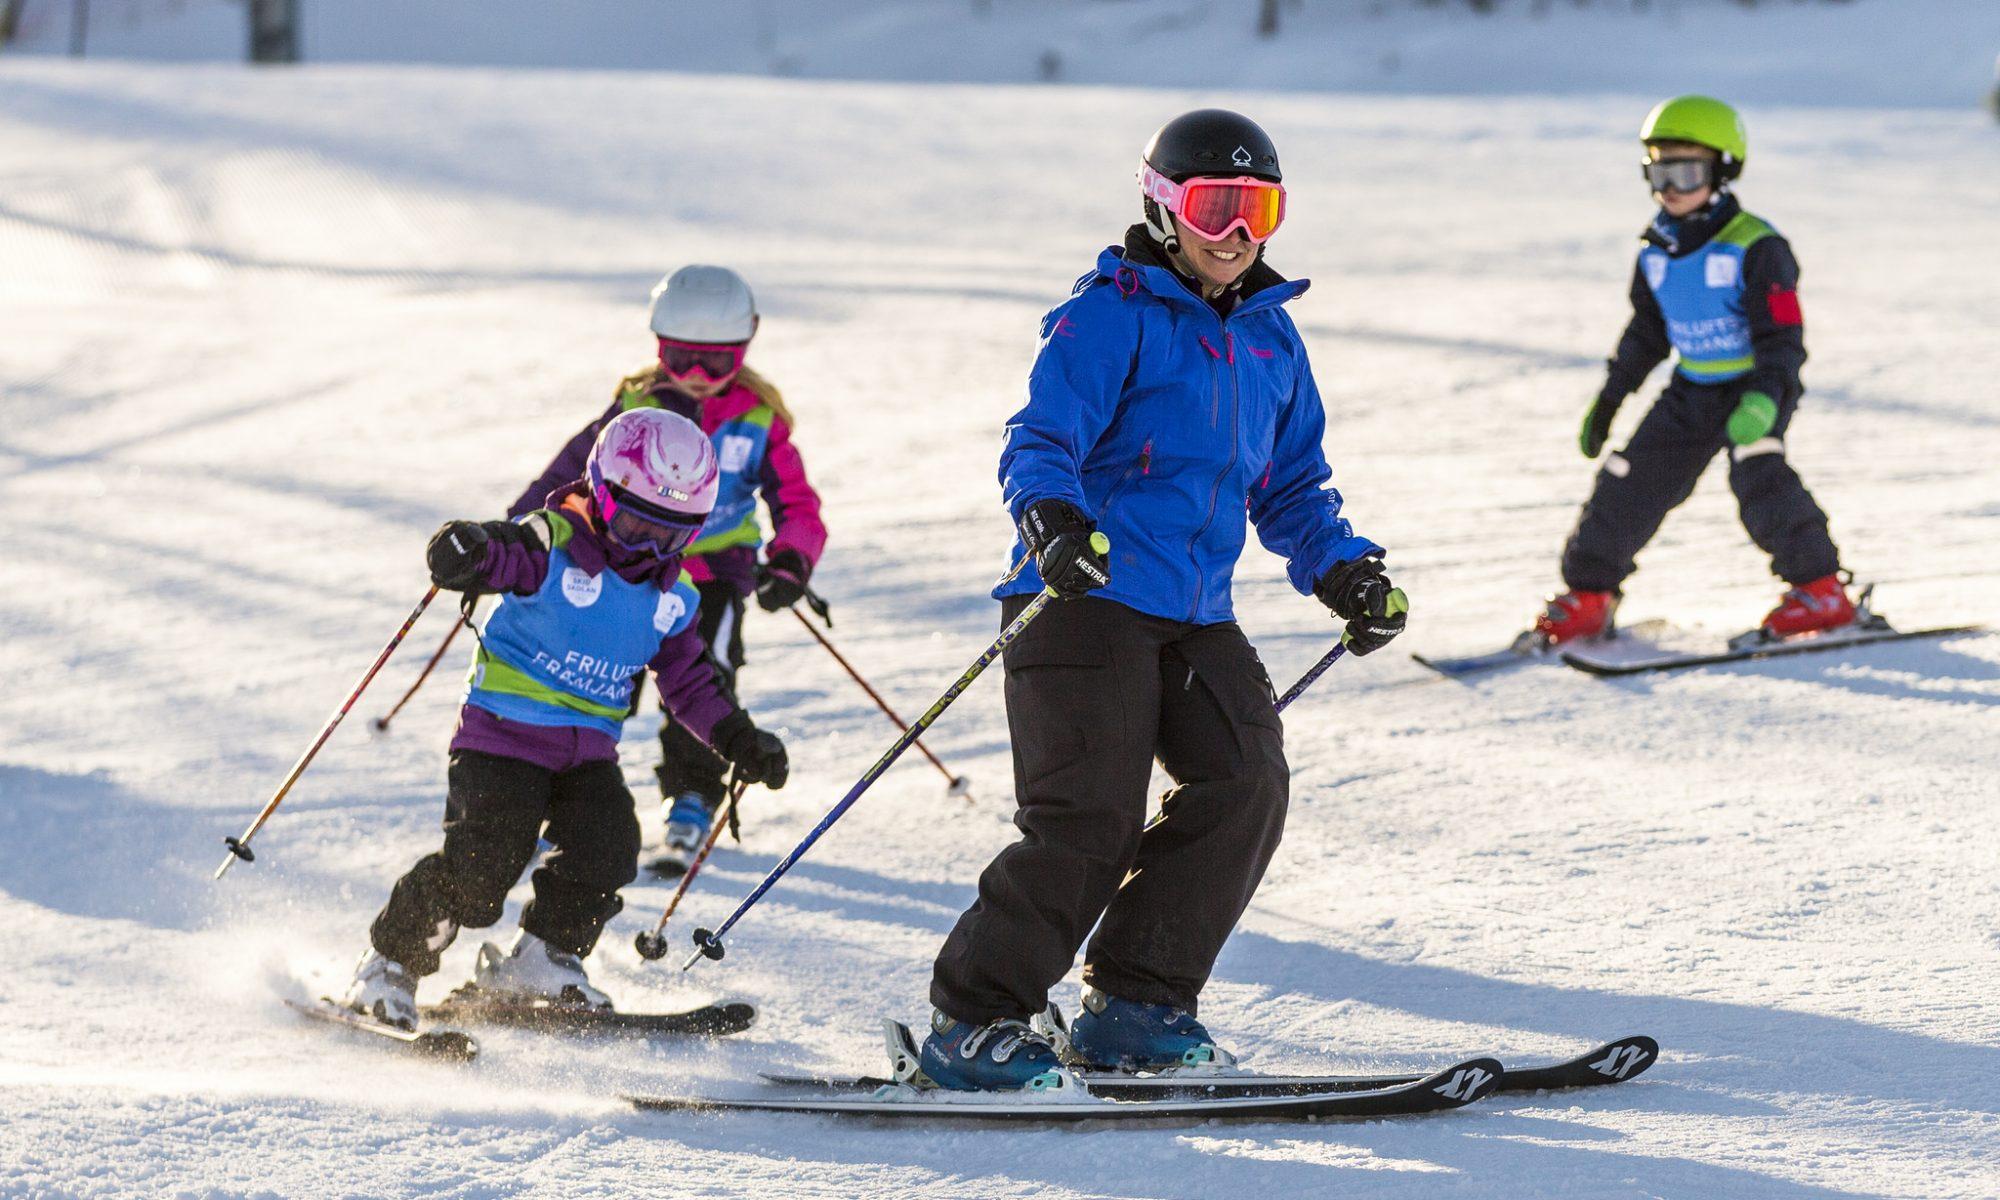 Stockholms skid- och snowboardskola